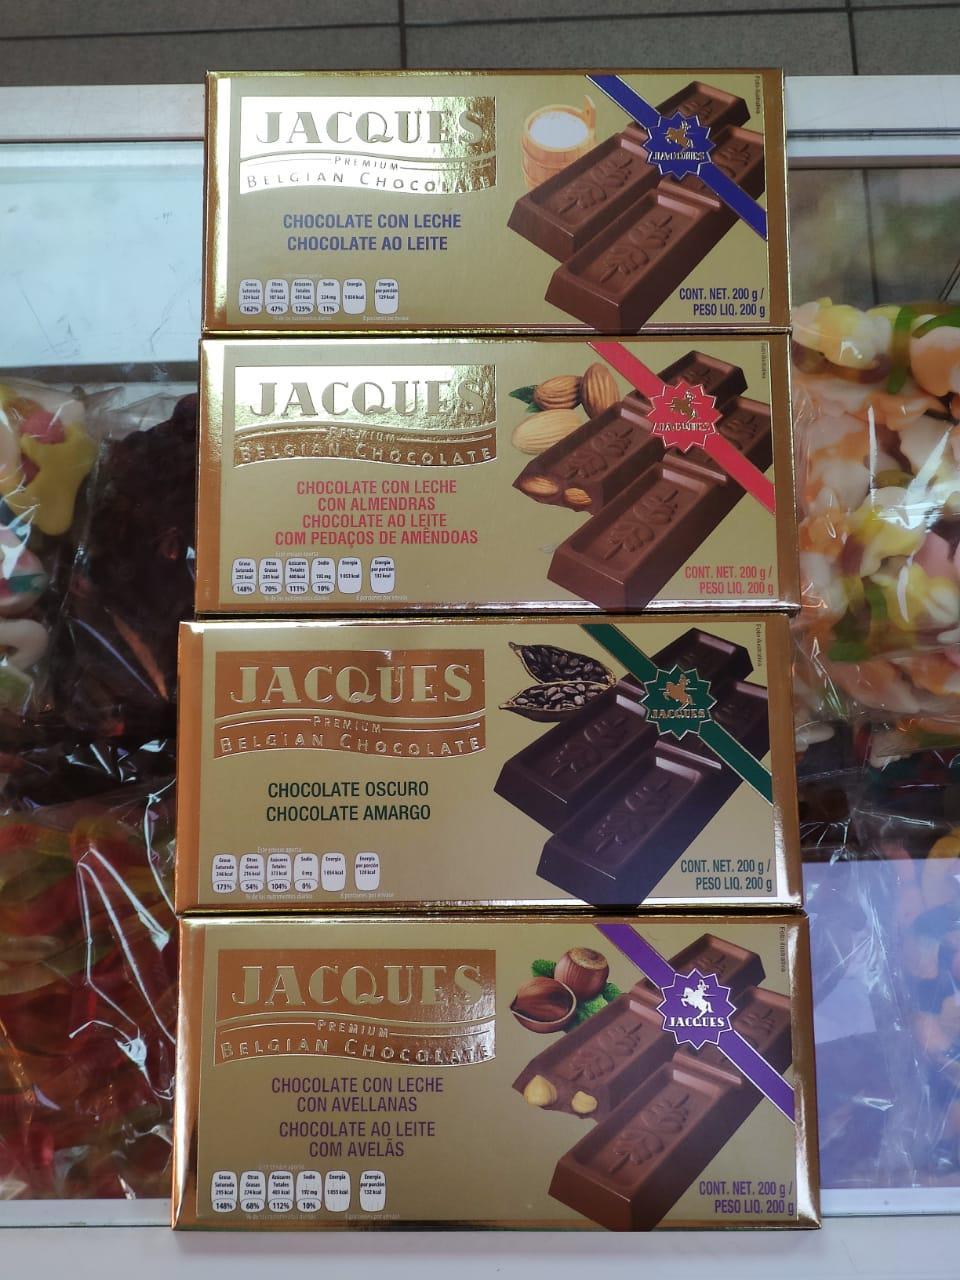 Бельгийский шоколад Jacques 200 гр (Ассорти вкусов)